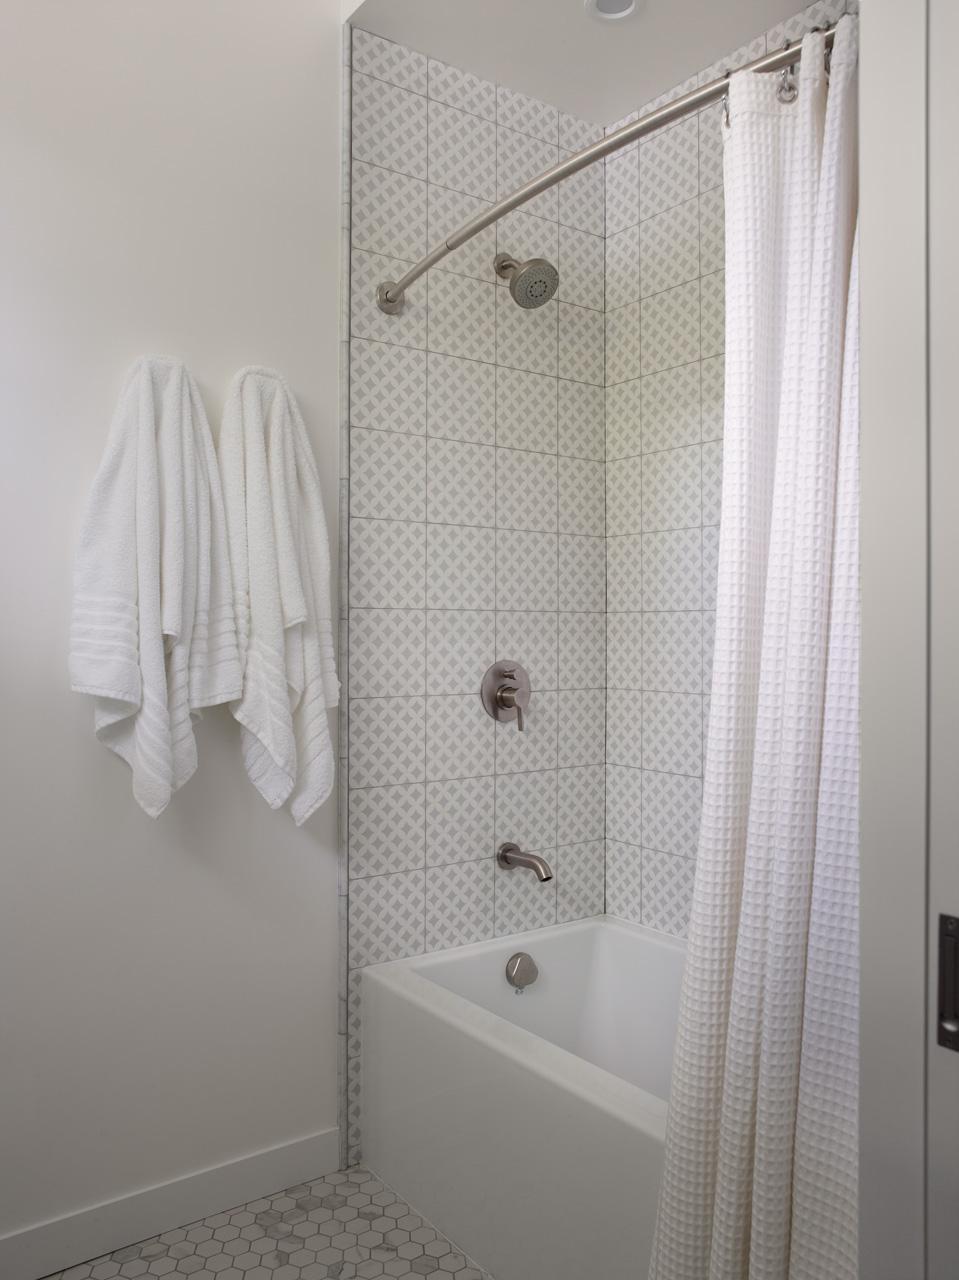 bazzi_Kids bthrm shower